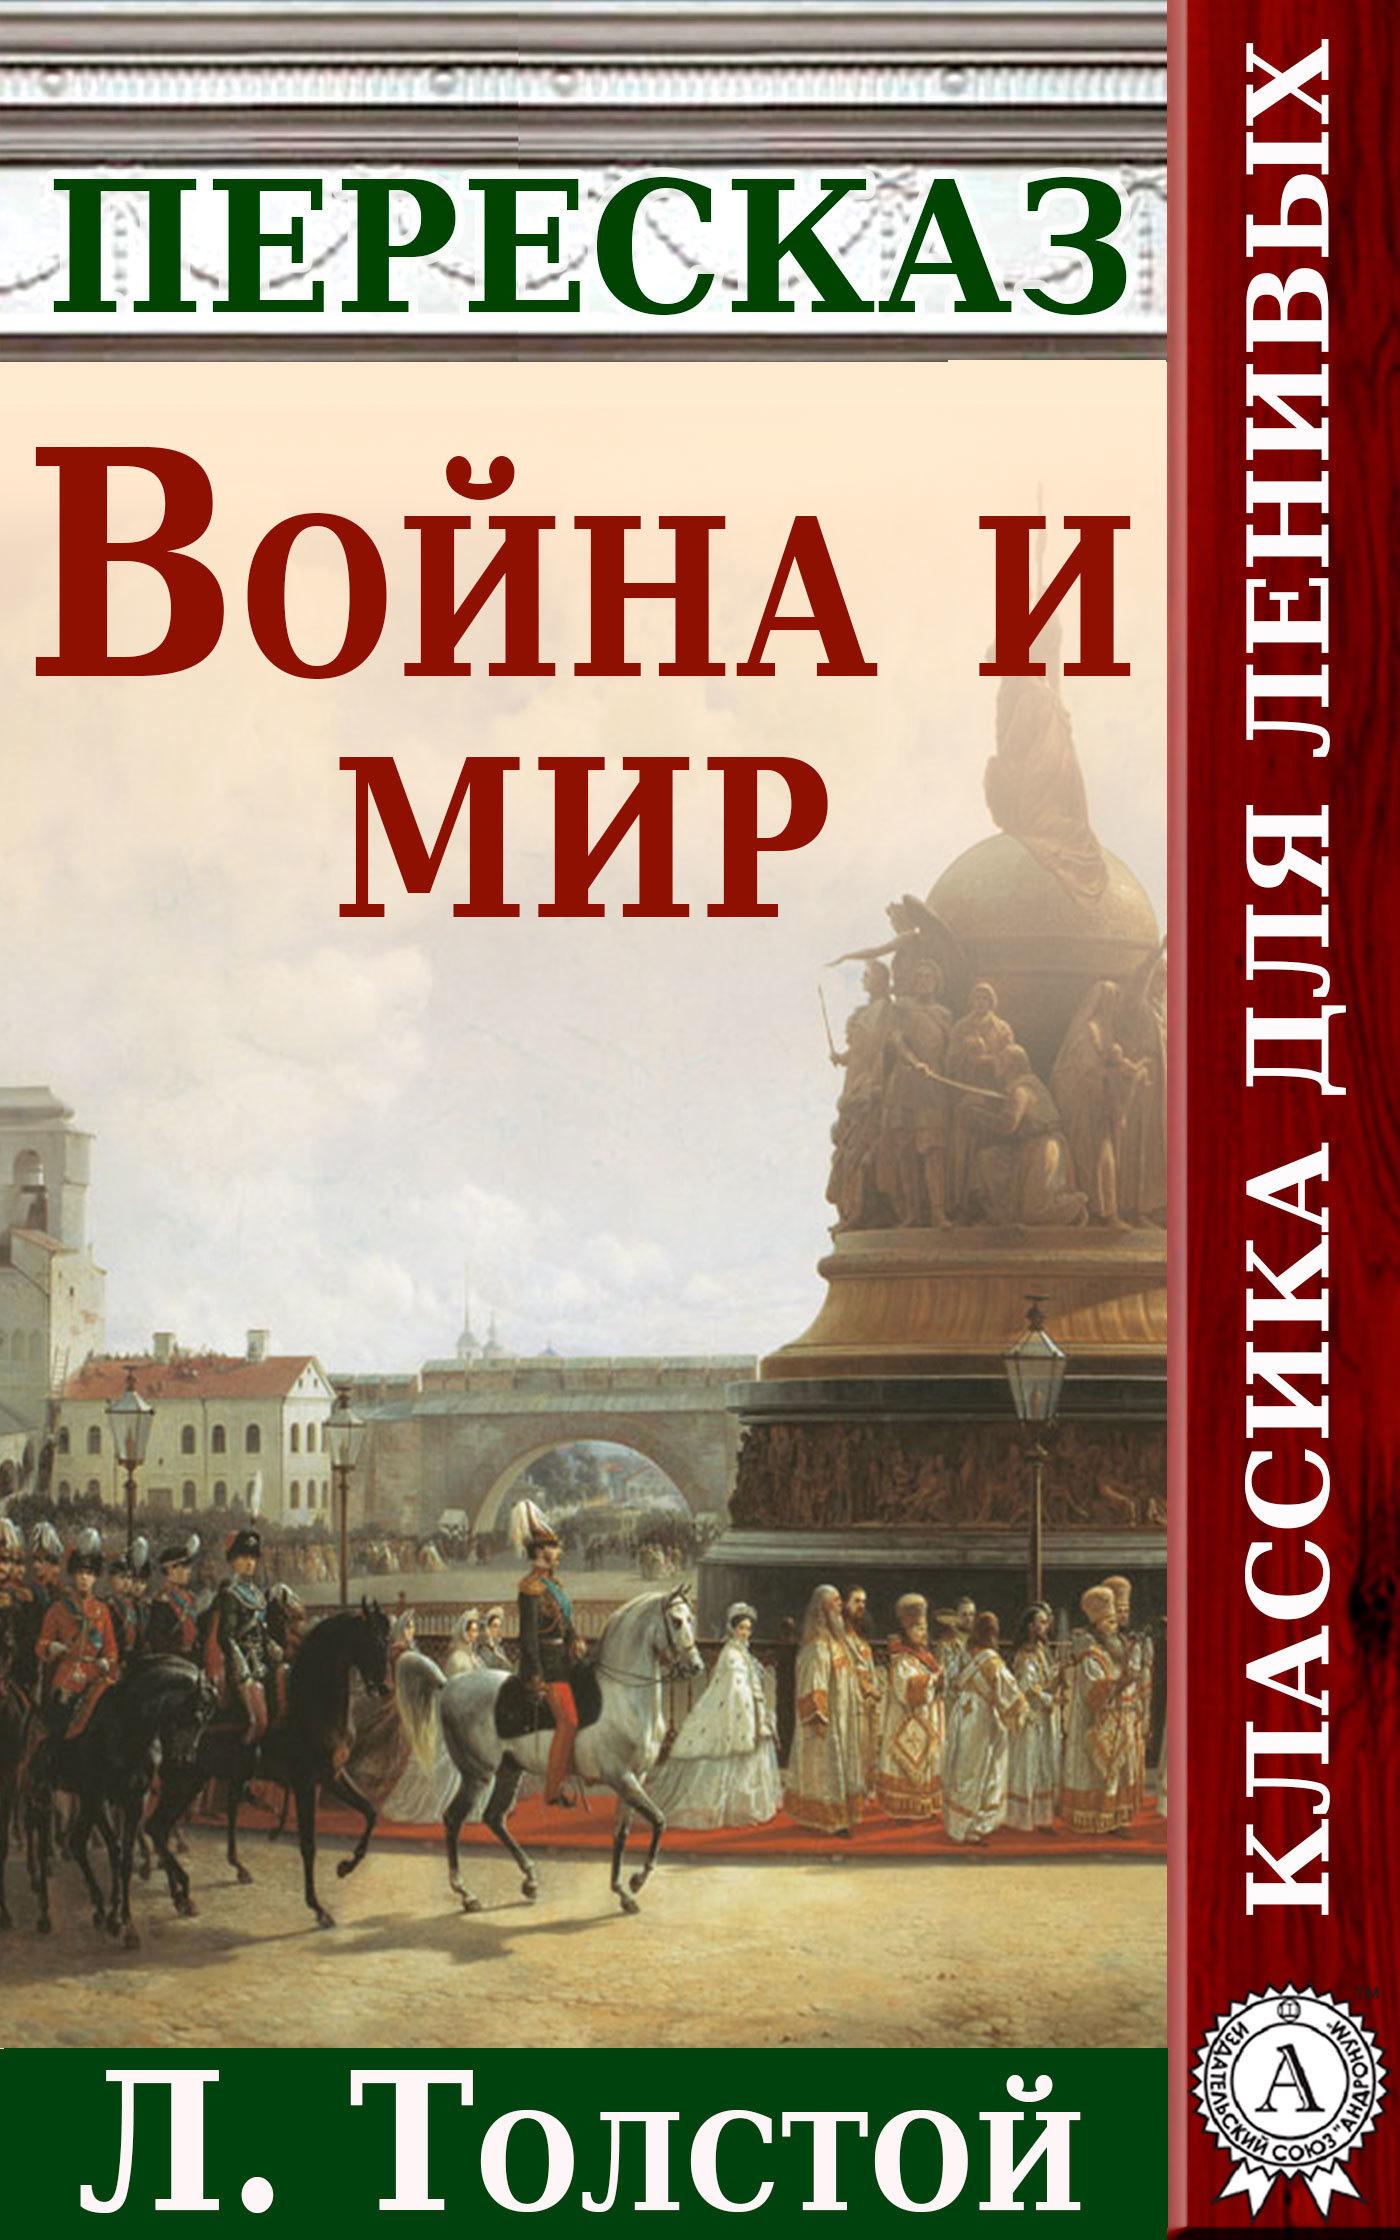 Война и мир Краткий пересказ произведения Л. Толстого от ЛитРес